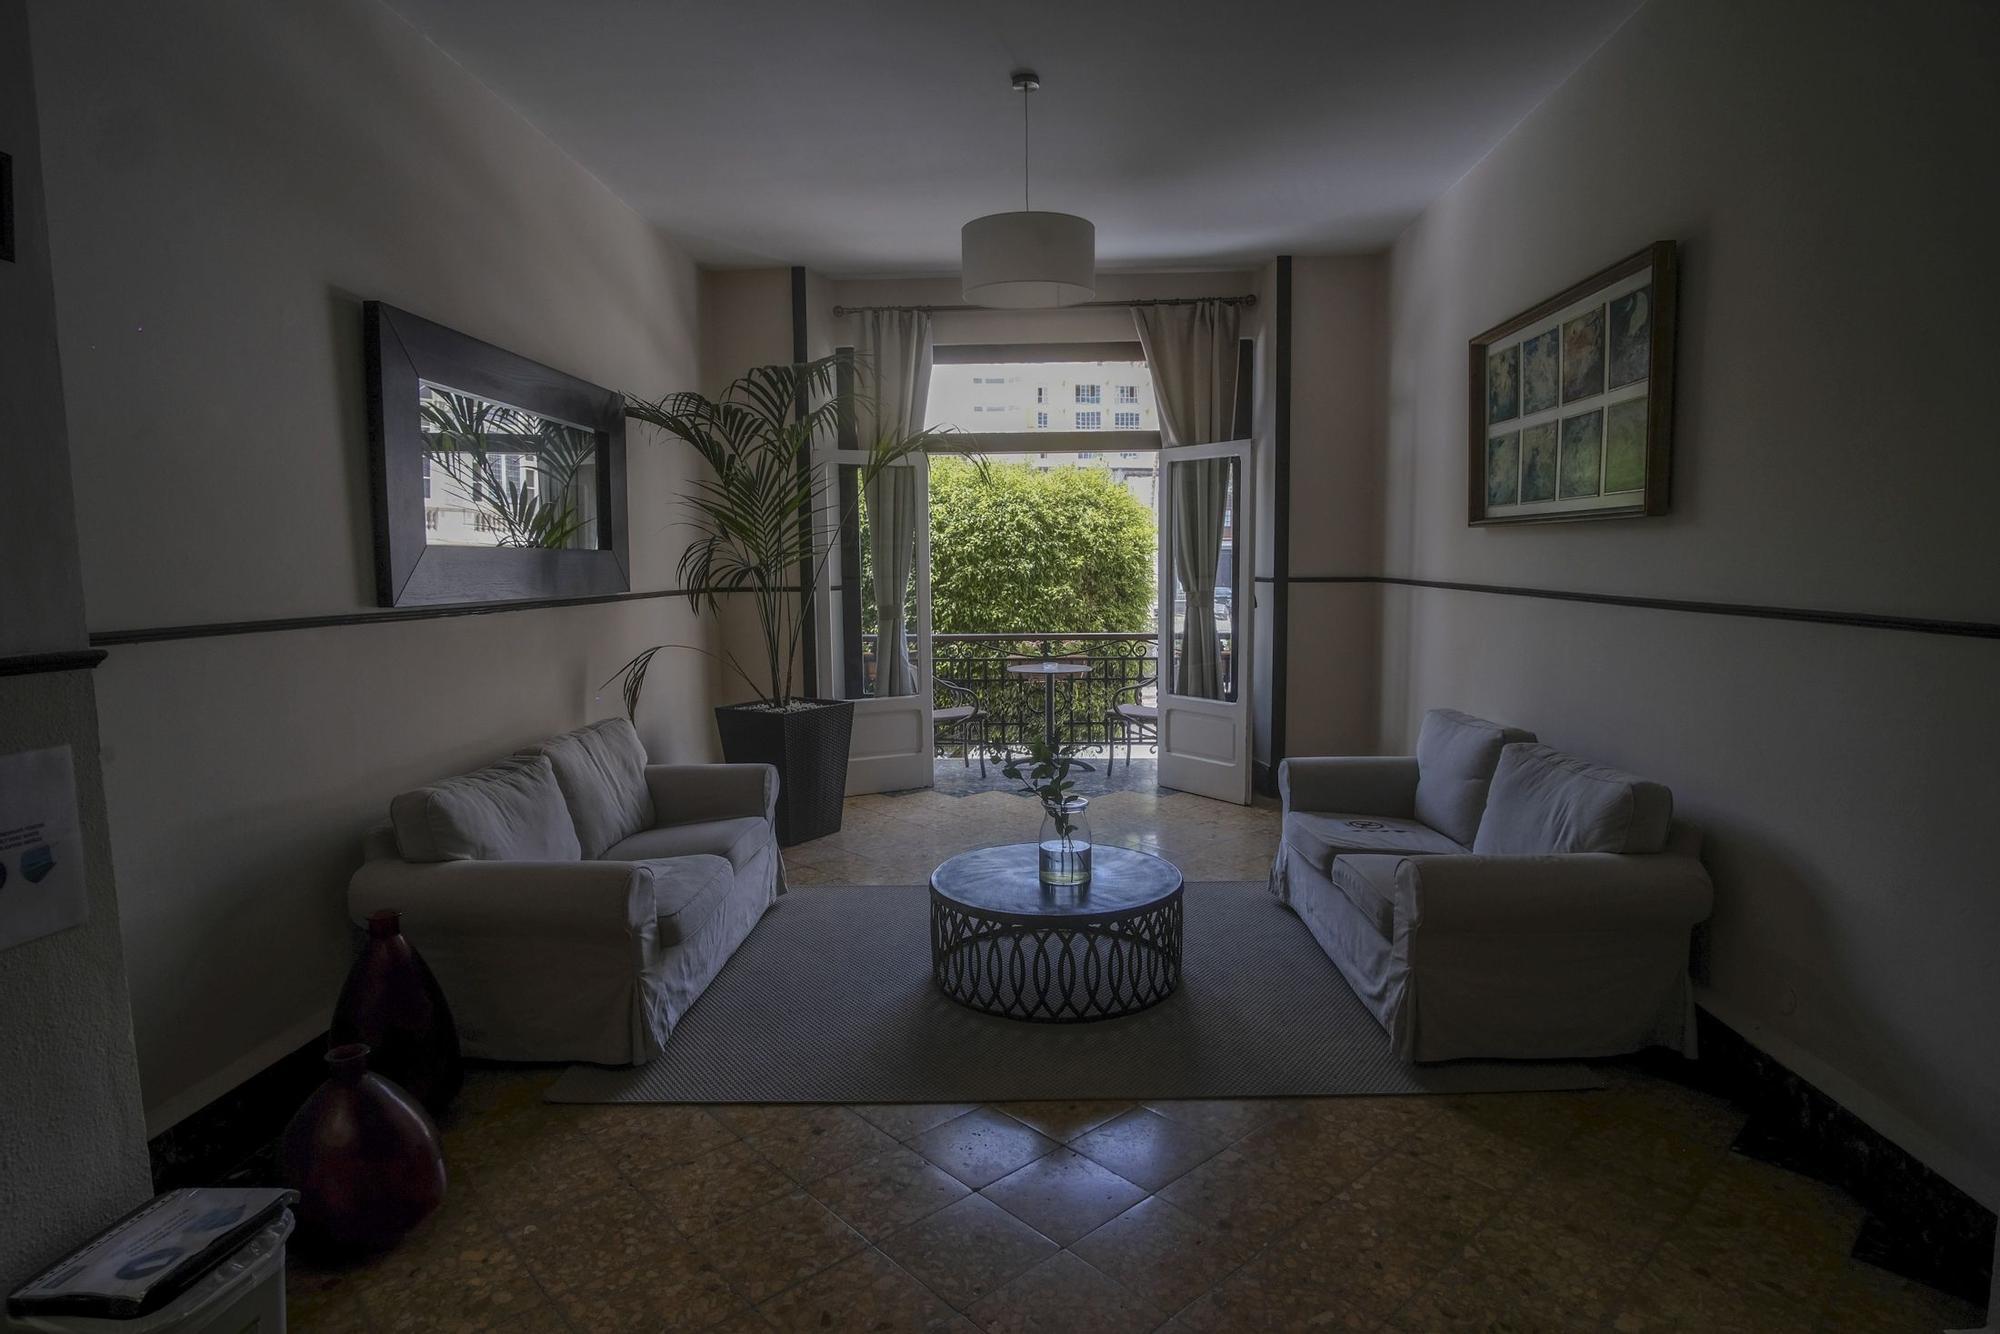 La cama de Franco en el Hotel Madrid de Las Palmas de Gran Canaria